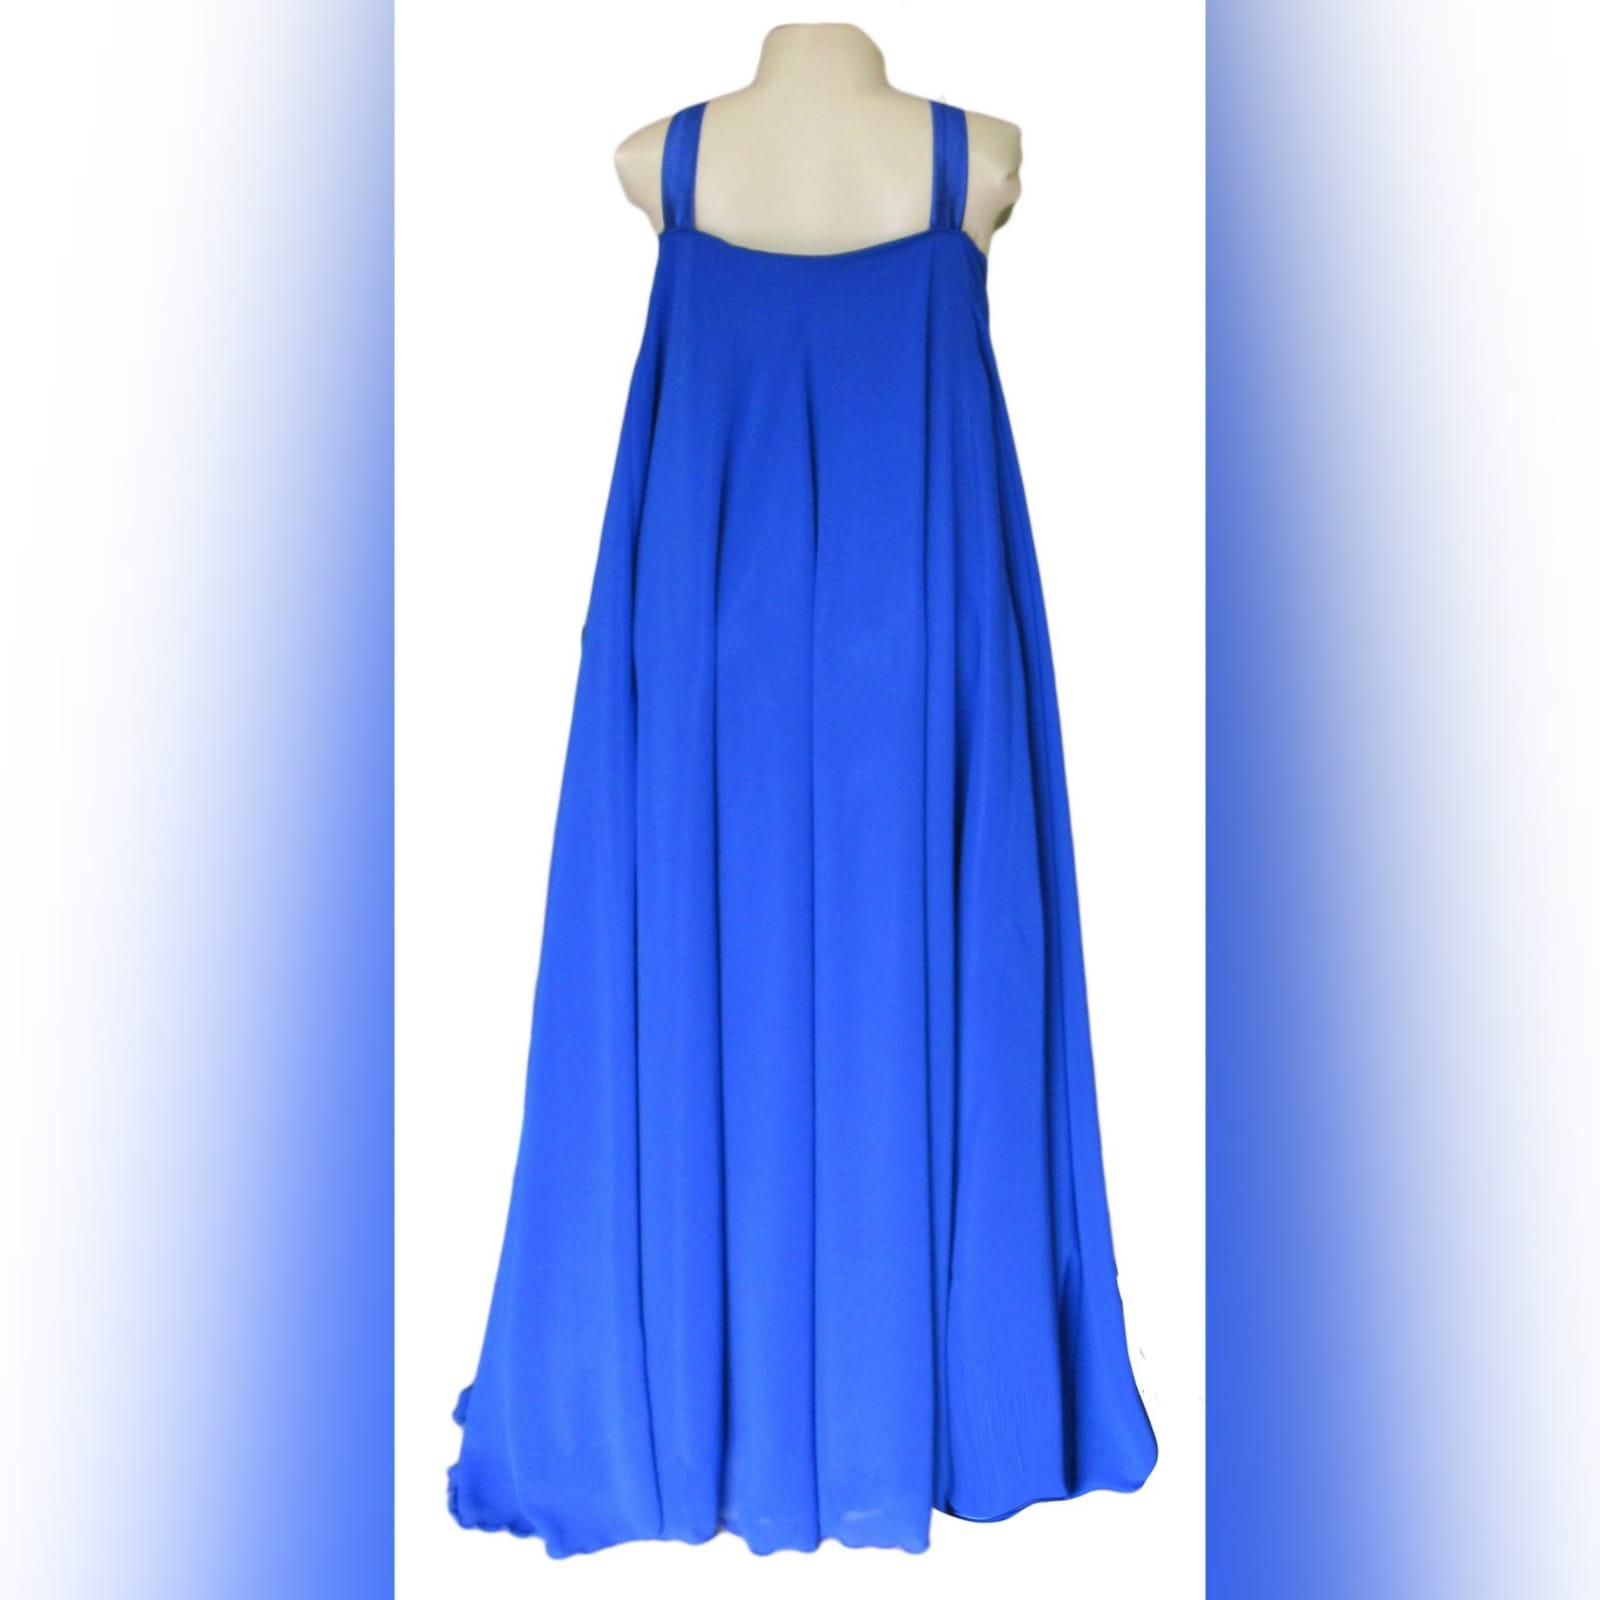 Royal blue flowy chiffon summer elegant dress 4 royal blue flowy chiffon summer elegant dress